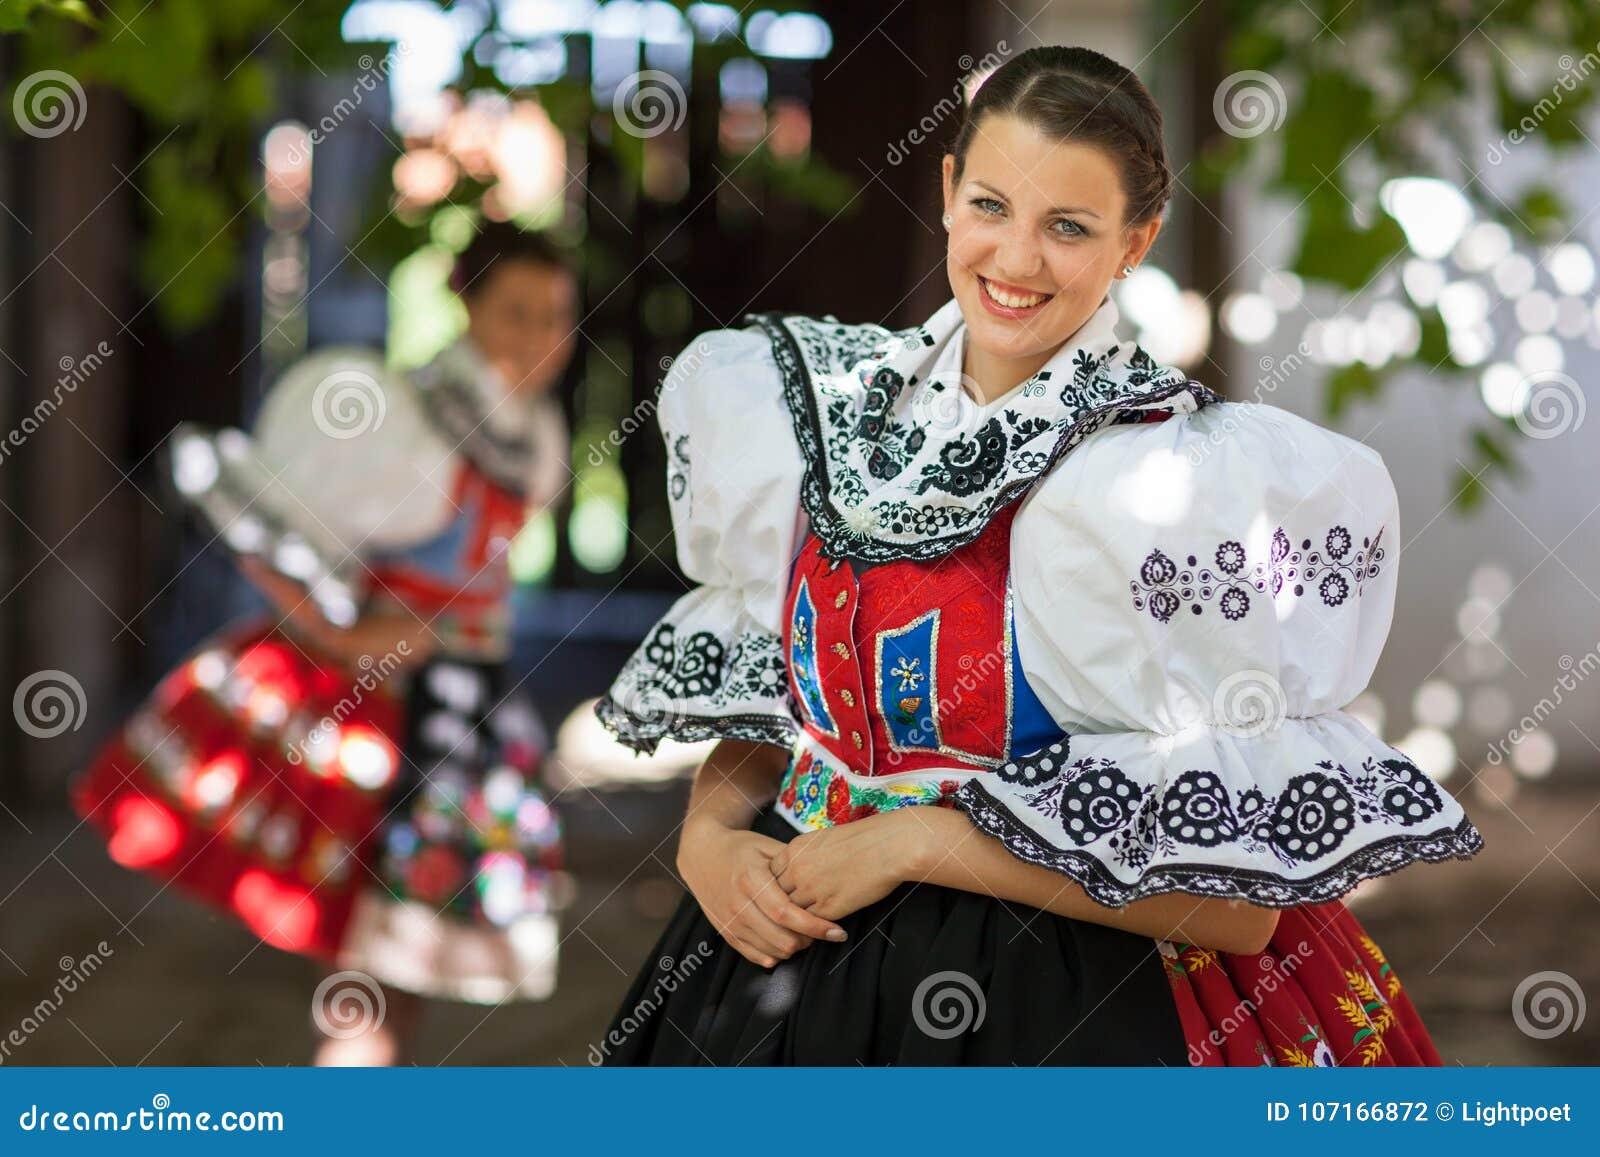 Den unga kvinnan i en rikt dekorerad ceremoniell folk klär